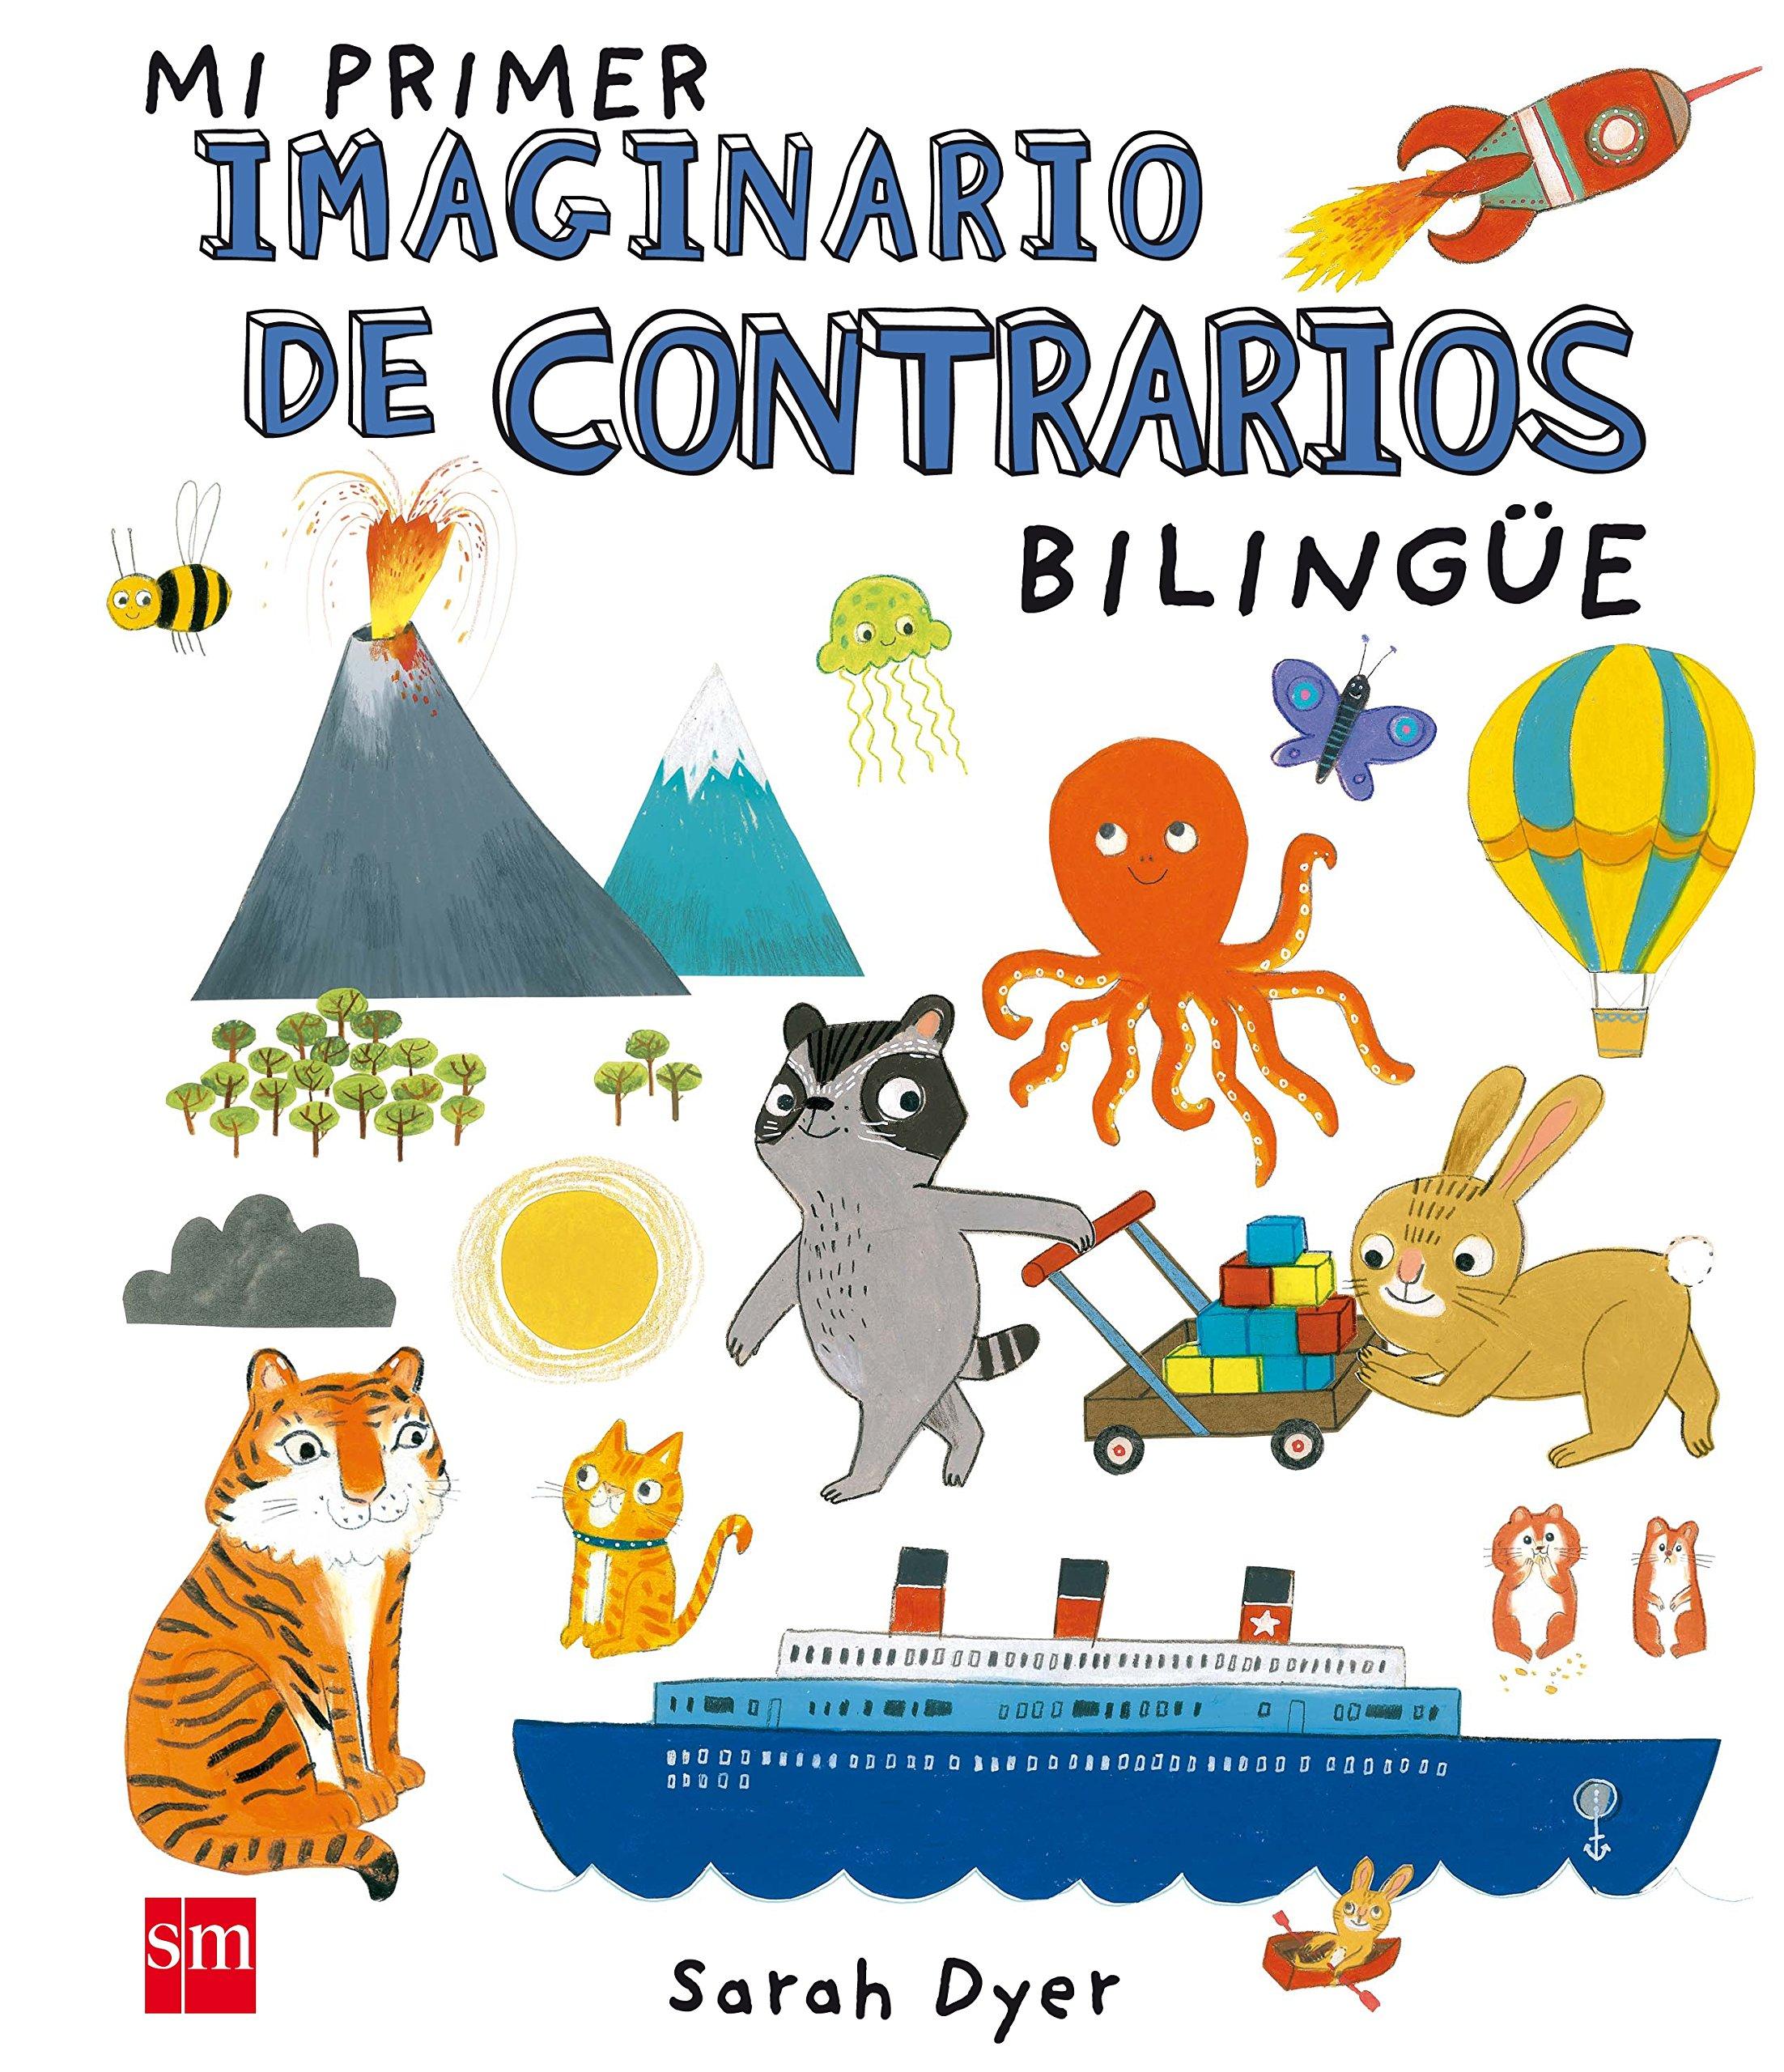 Mi primer imaginario de contrarios bilingüe: Amazon.es: Varios Autores,, Dyer, Sarah: Libros